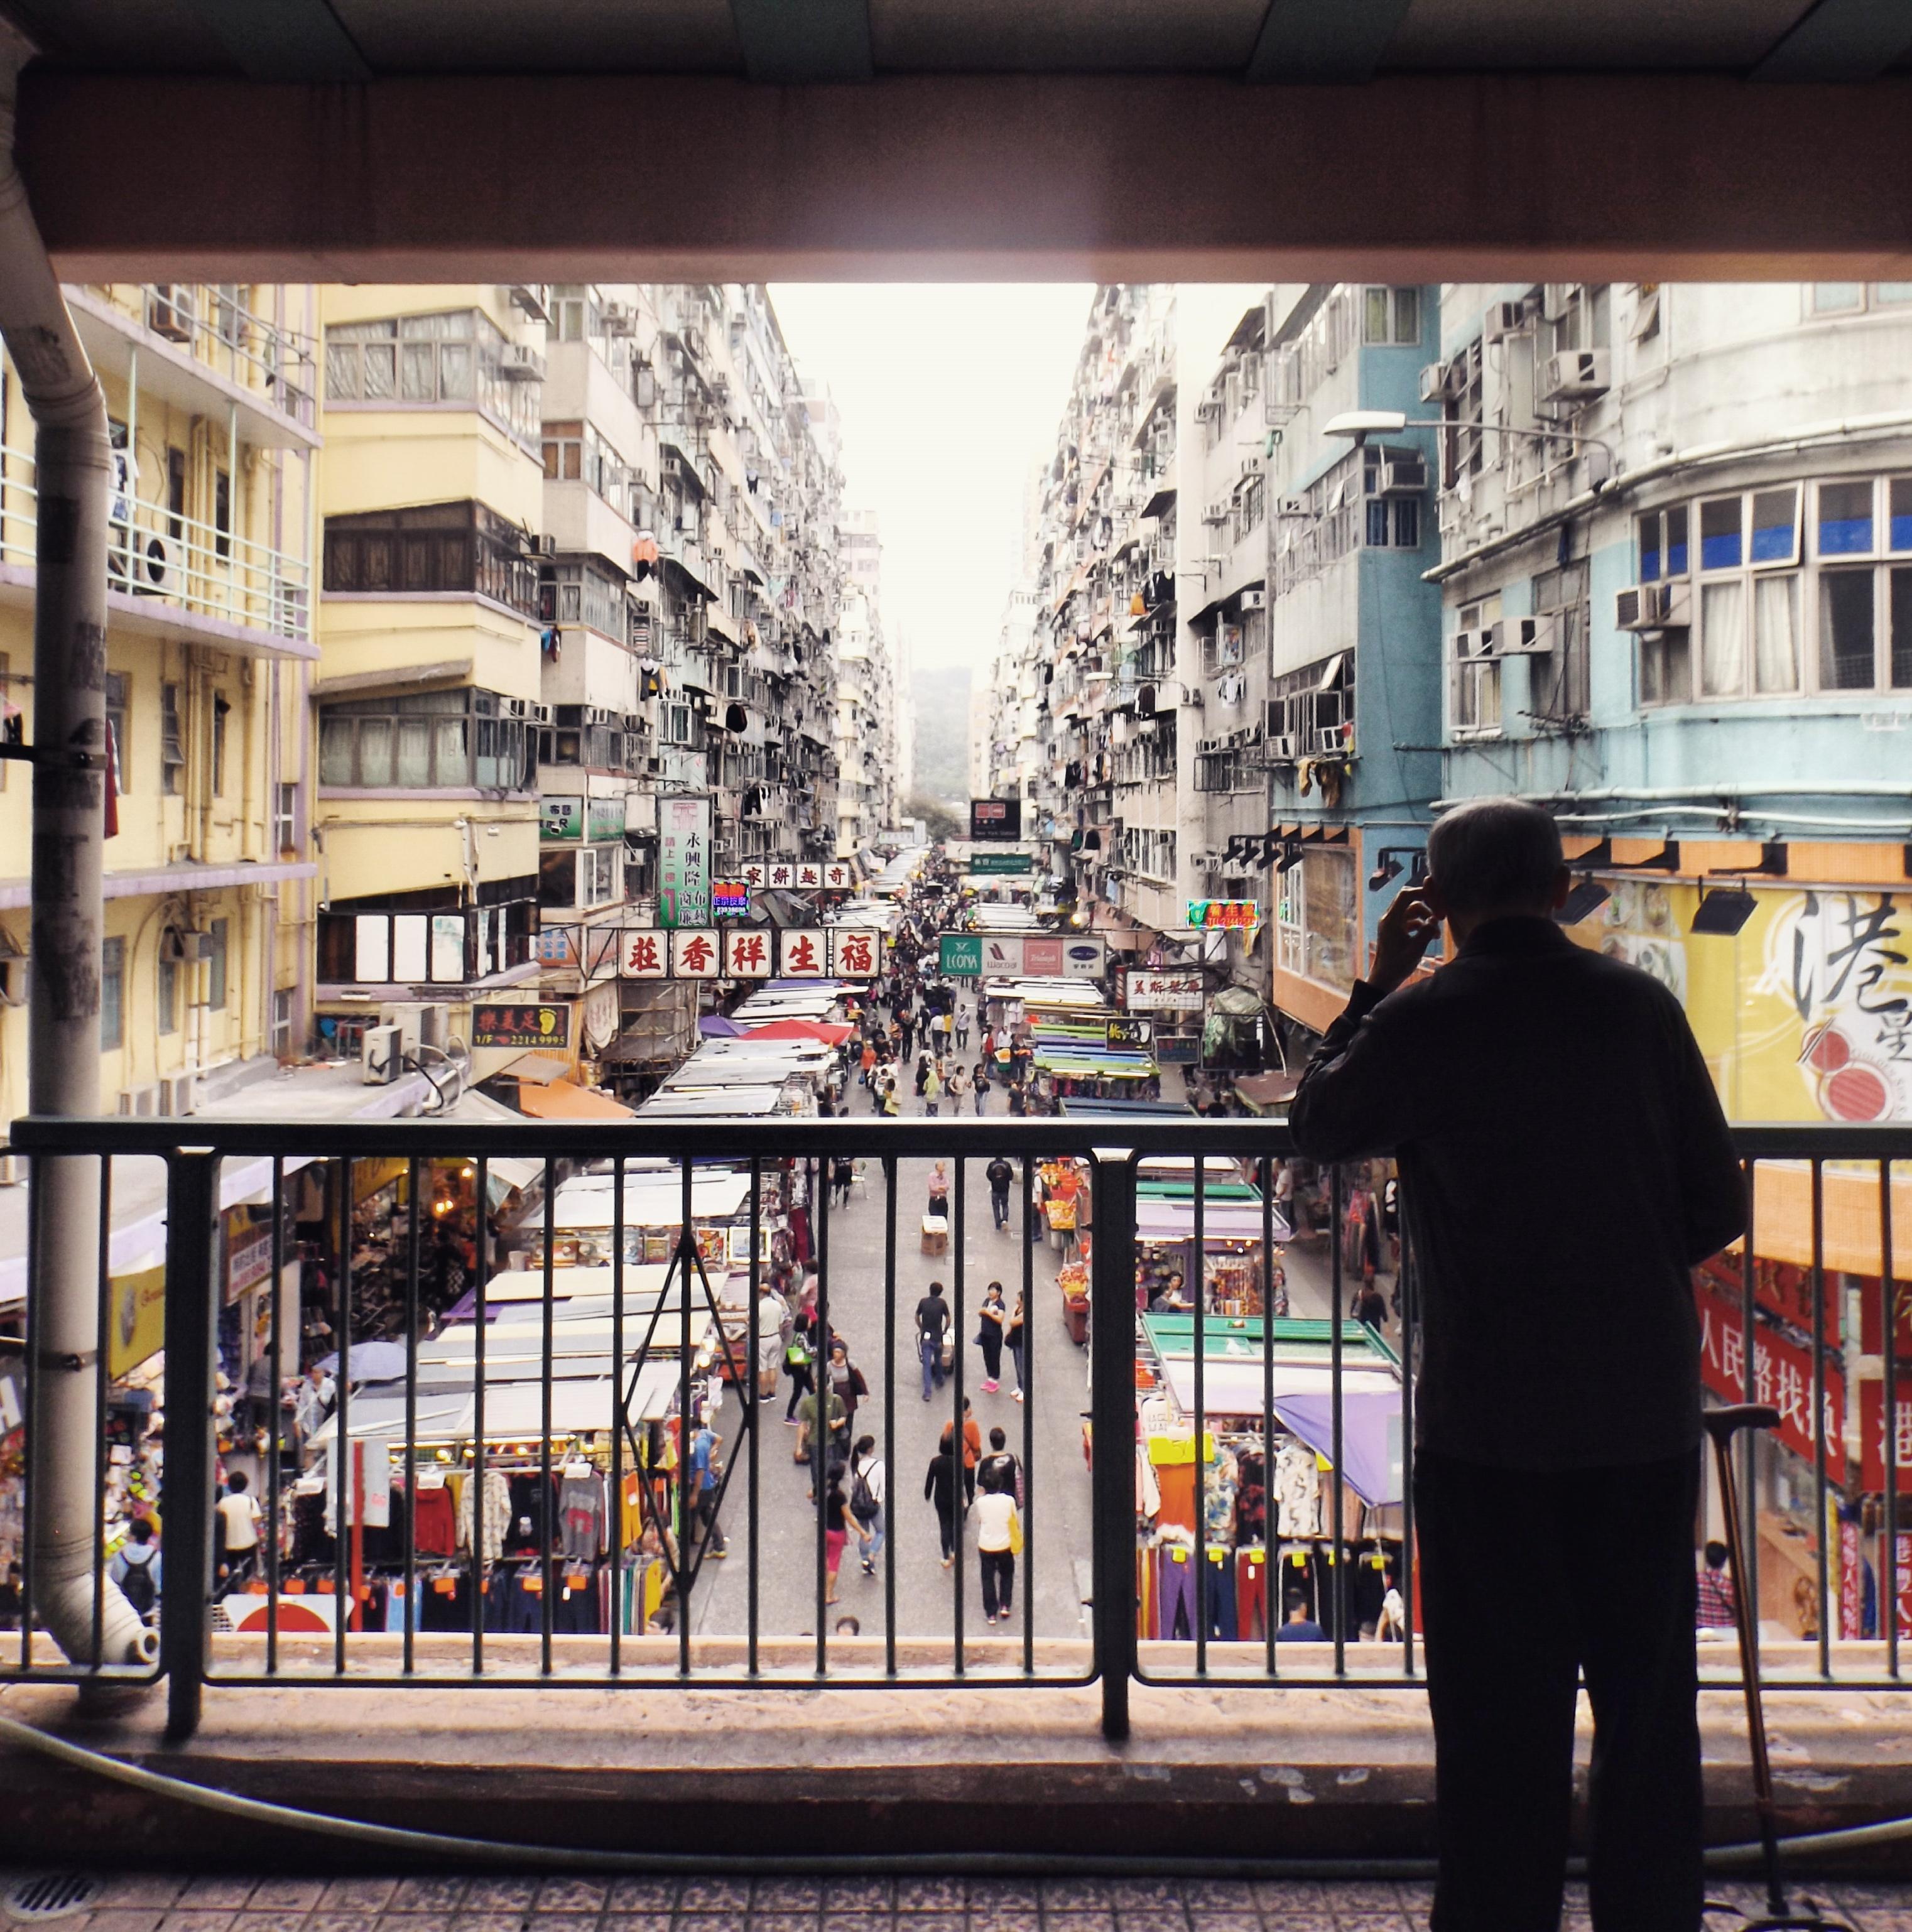 Street market, HK